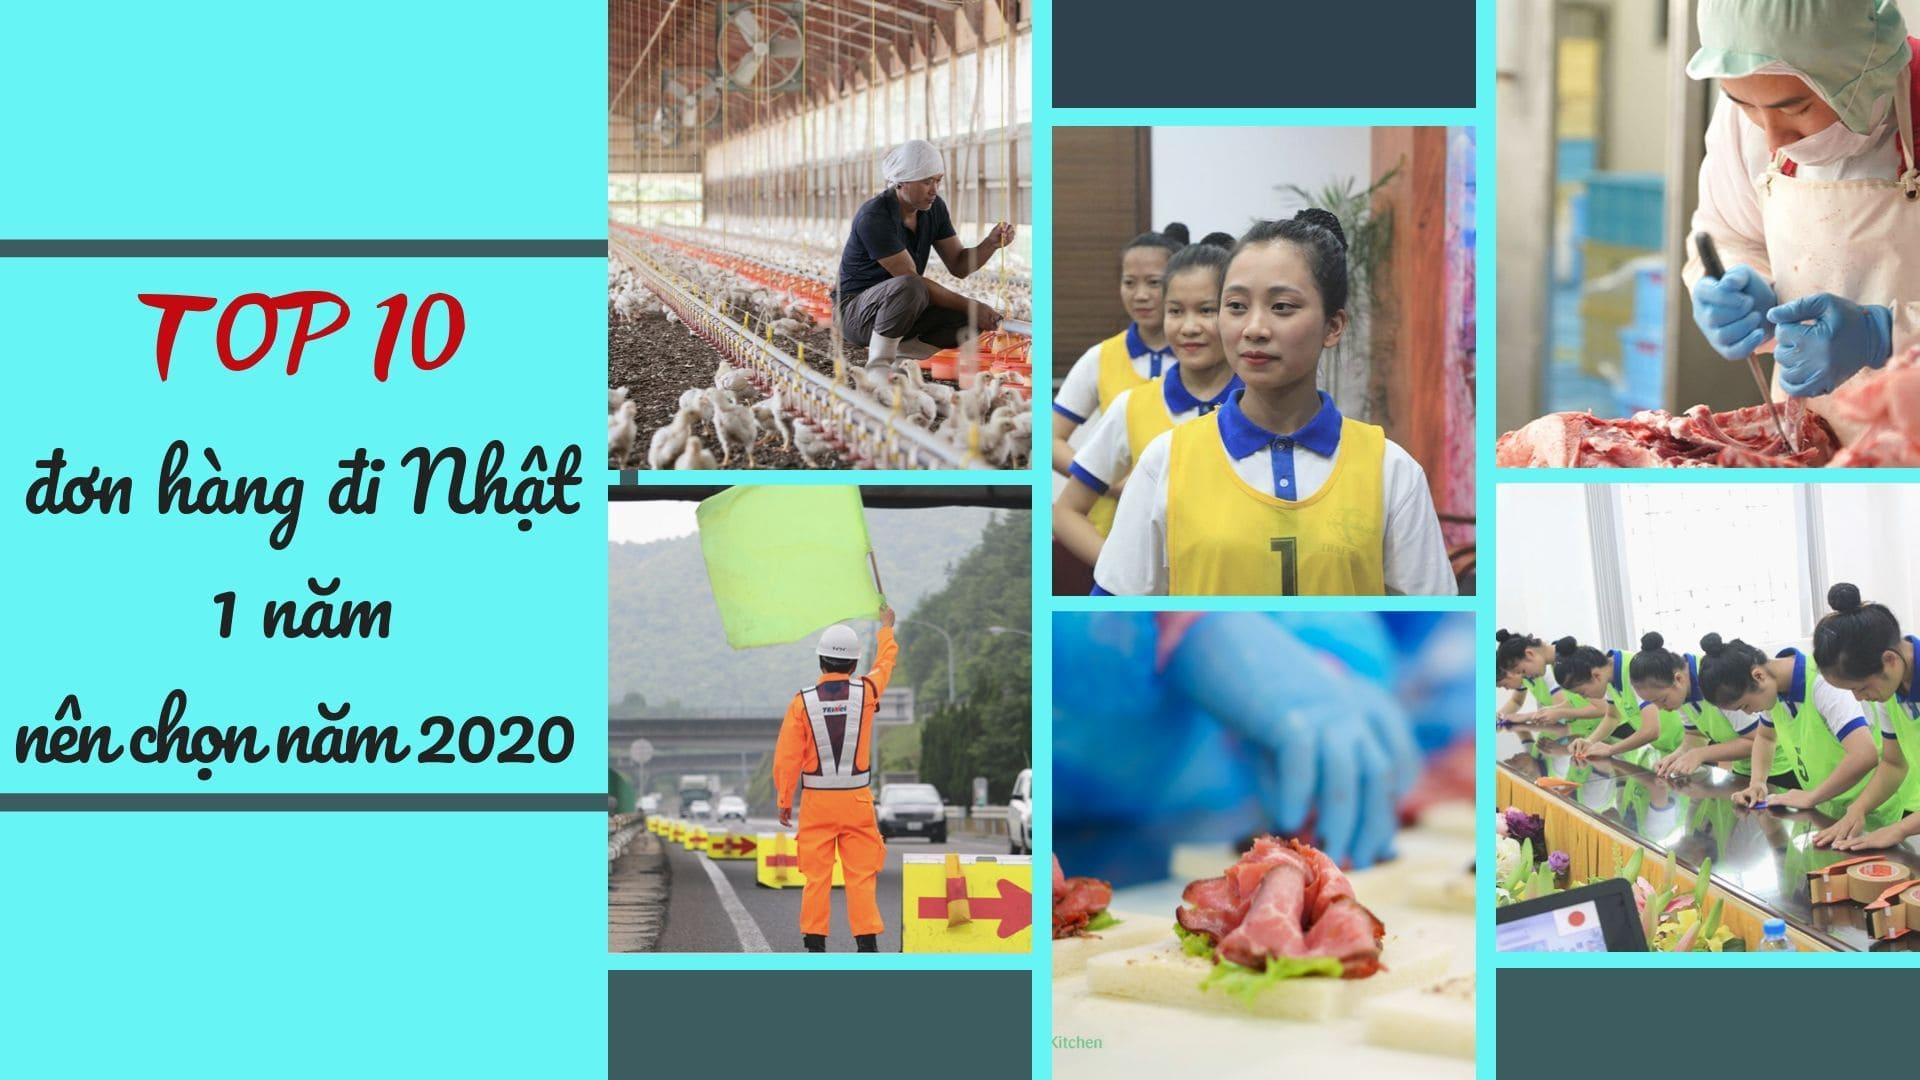 TOP đơn hàng đi Nhật 1 năm có mức lương cao nhất năm 2021